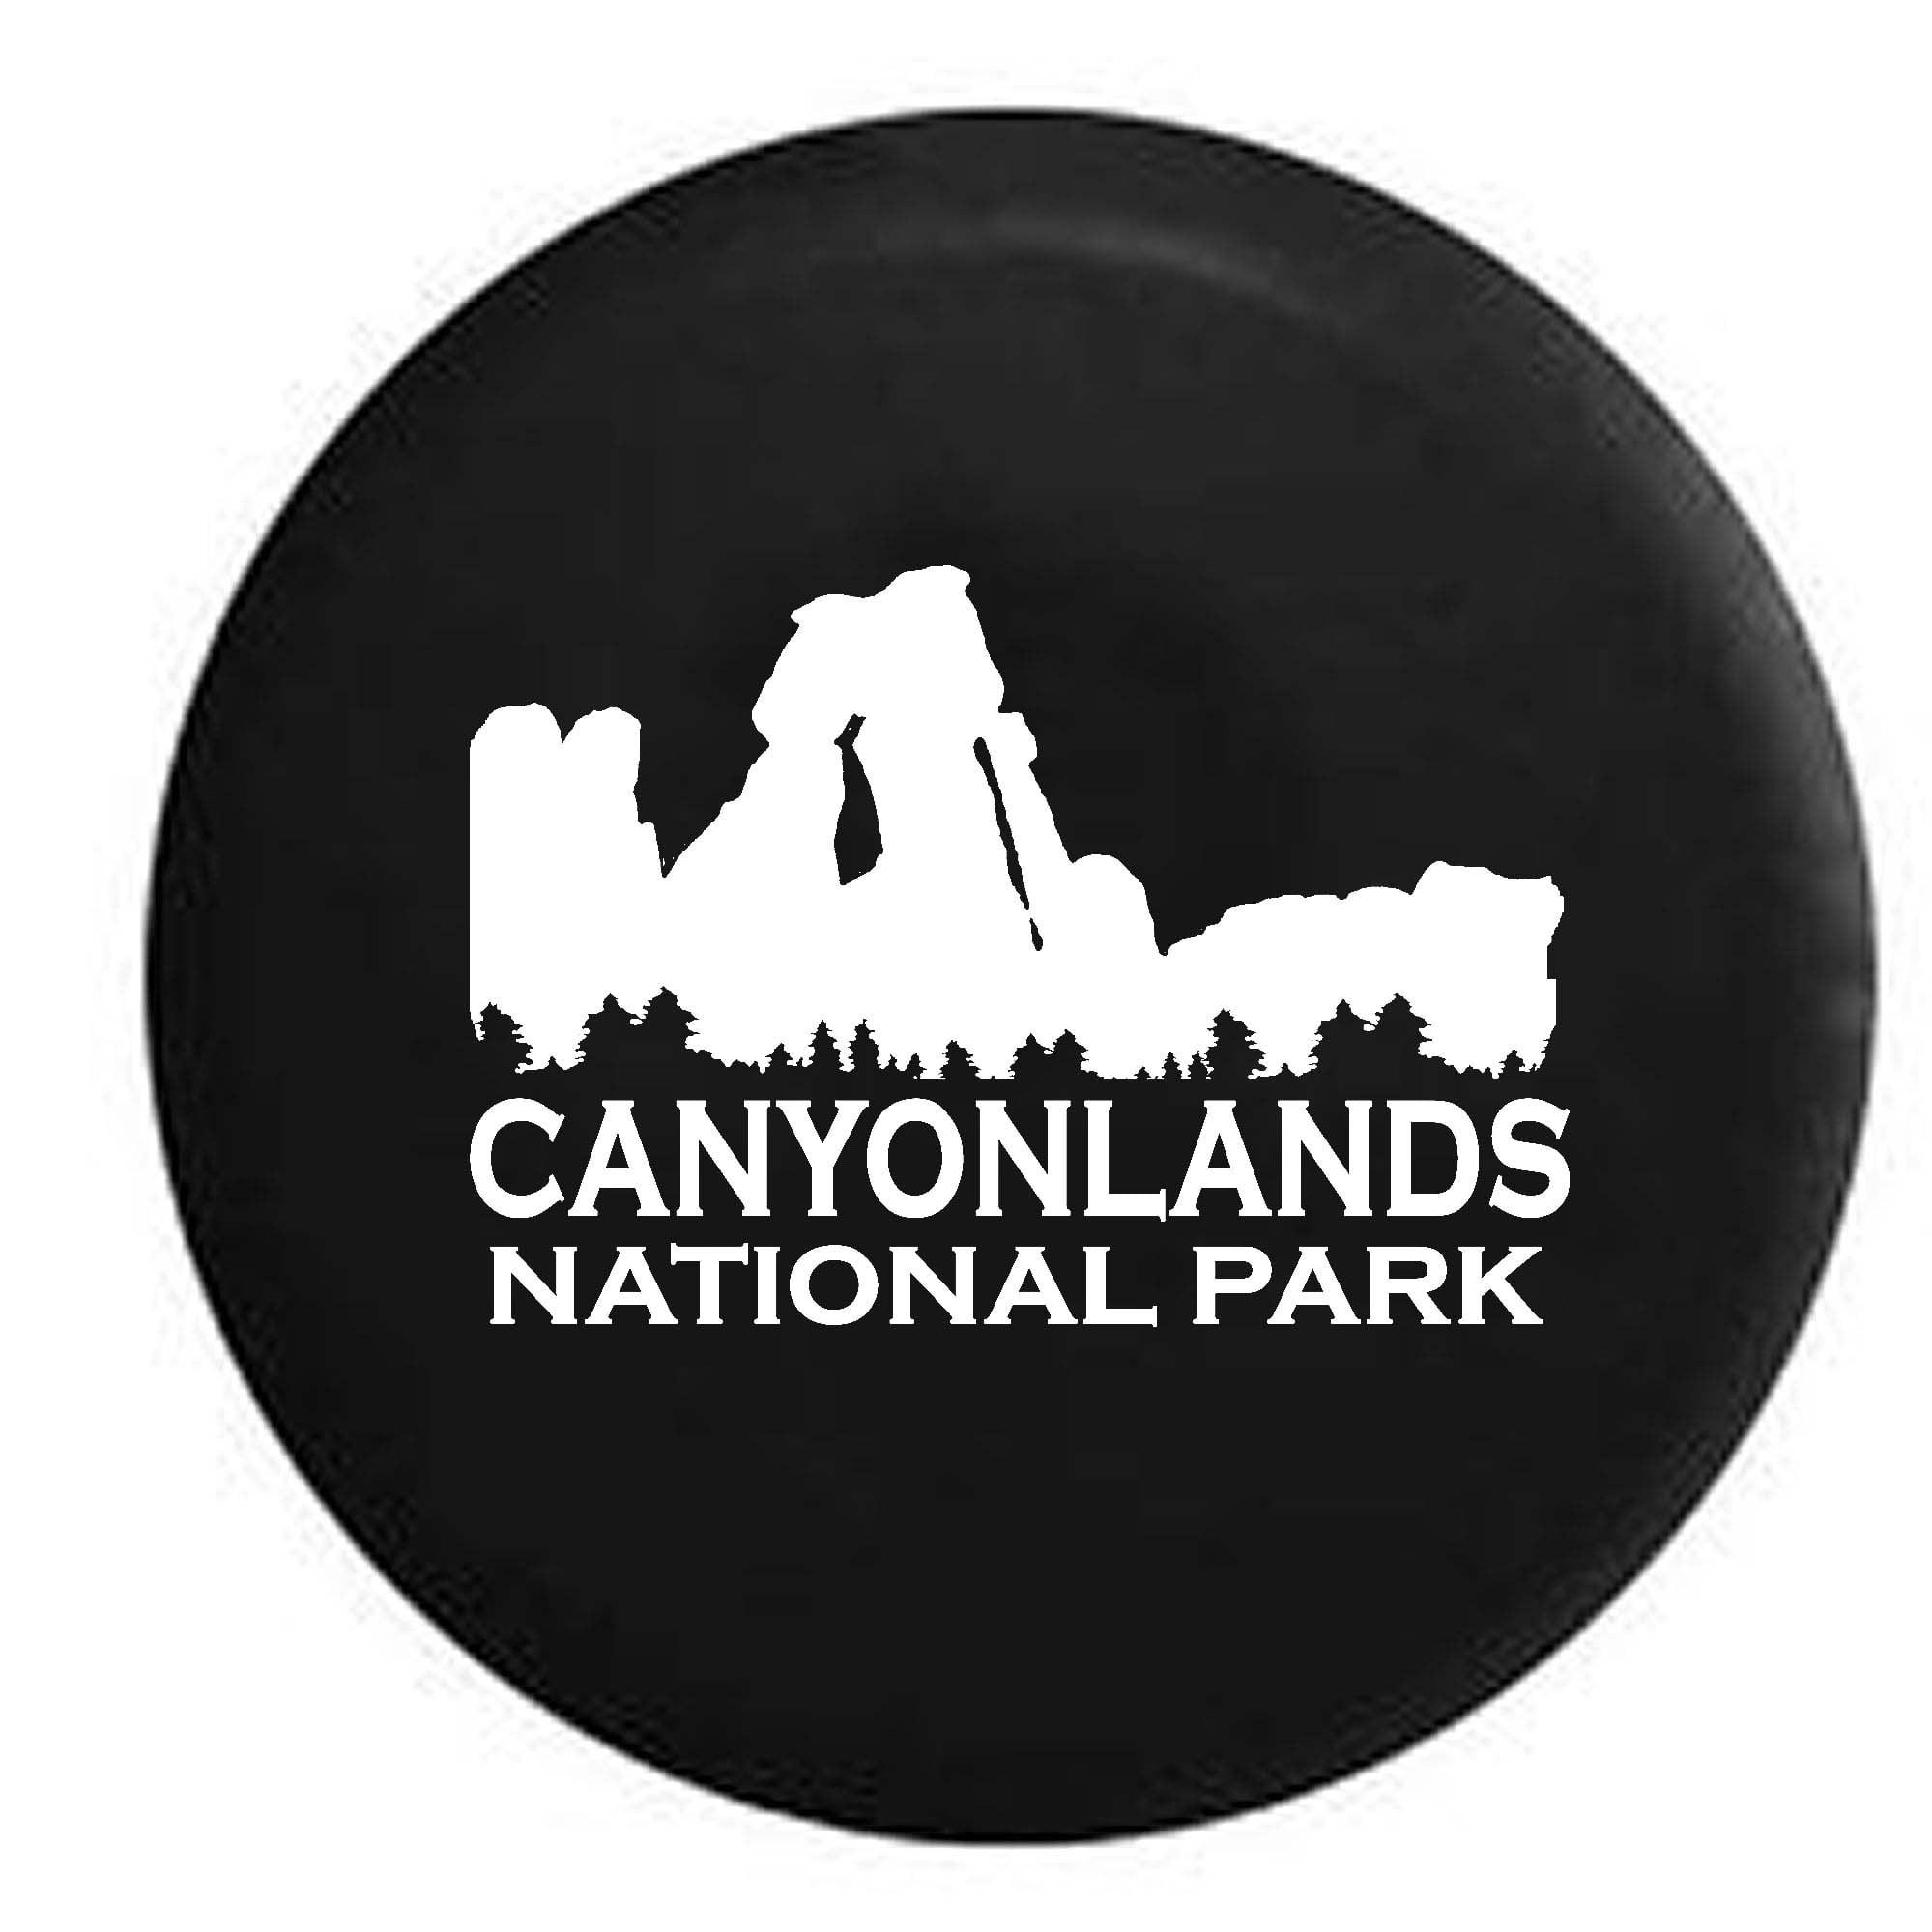 Canyonlands National Park Colorado River Trailer RV Spare...